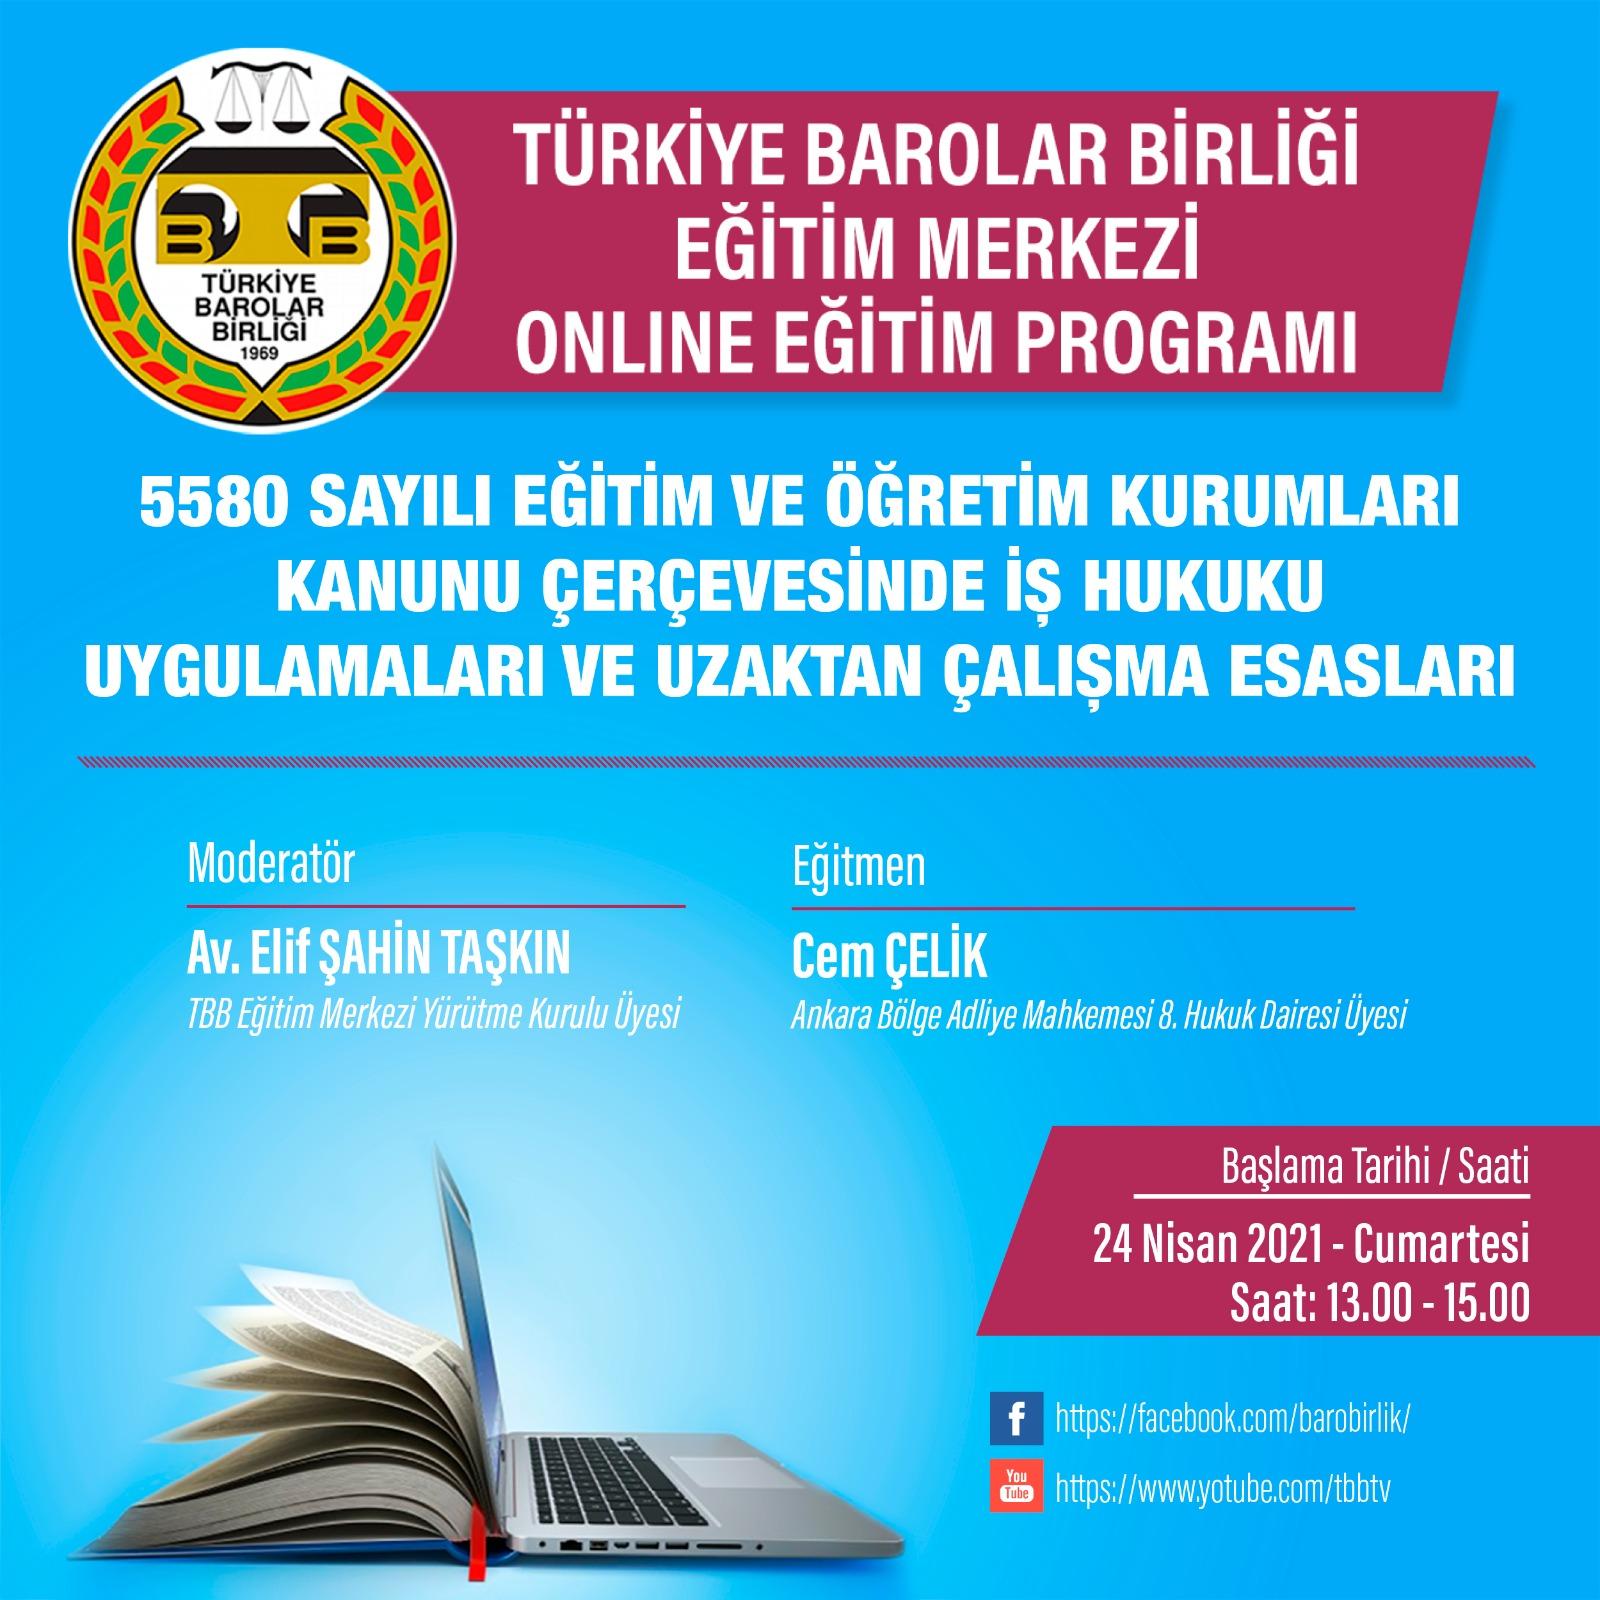 TBB Eğitim Merkezi Online Eğitim 24.04.2021